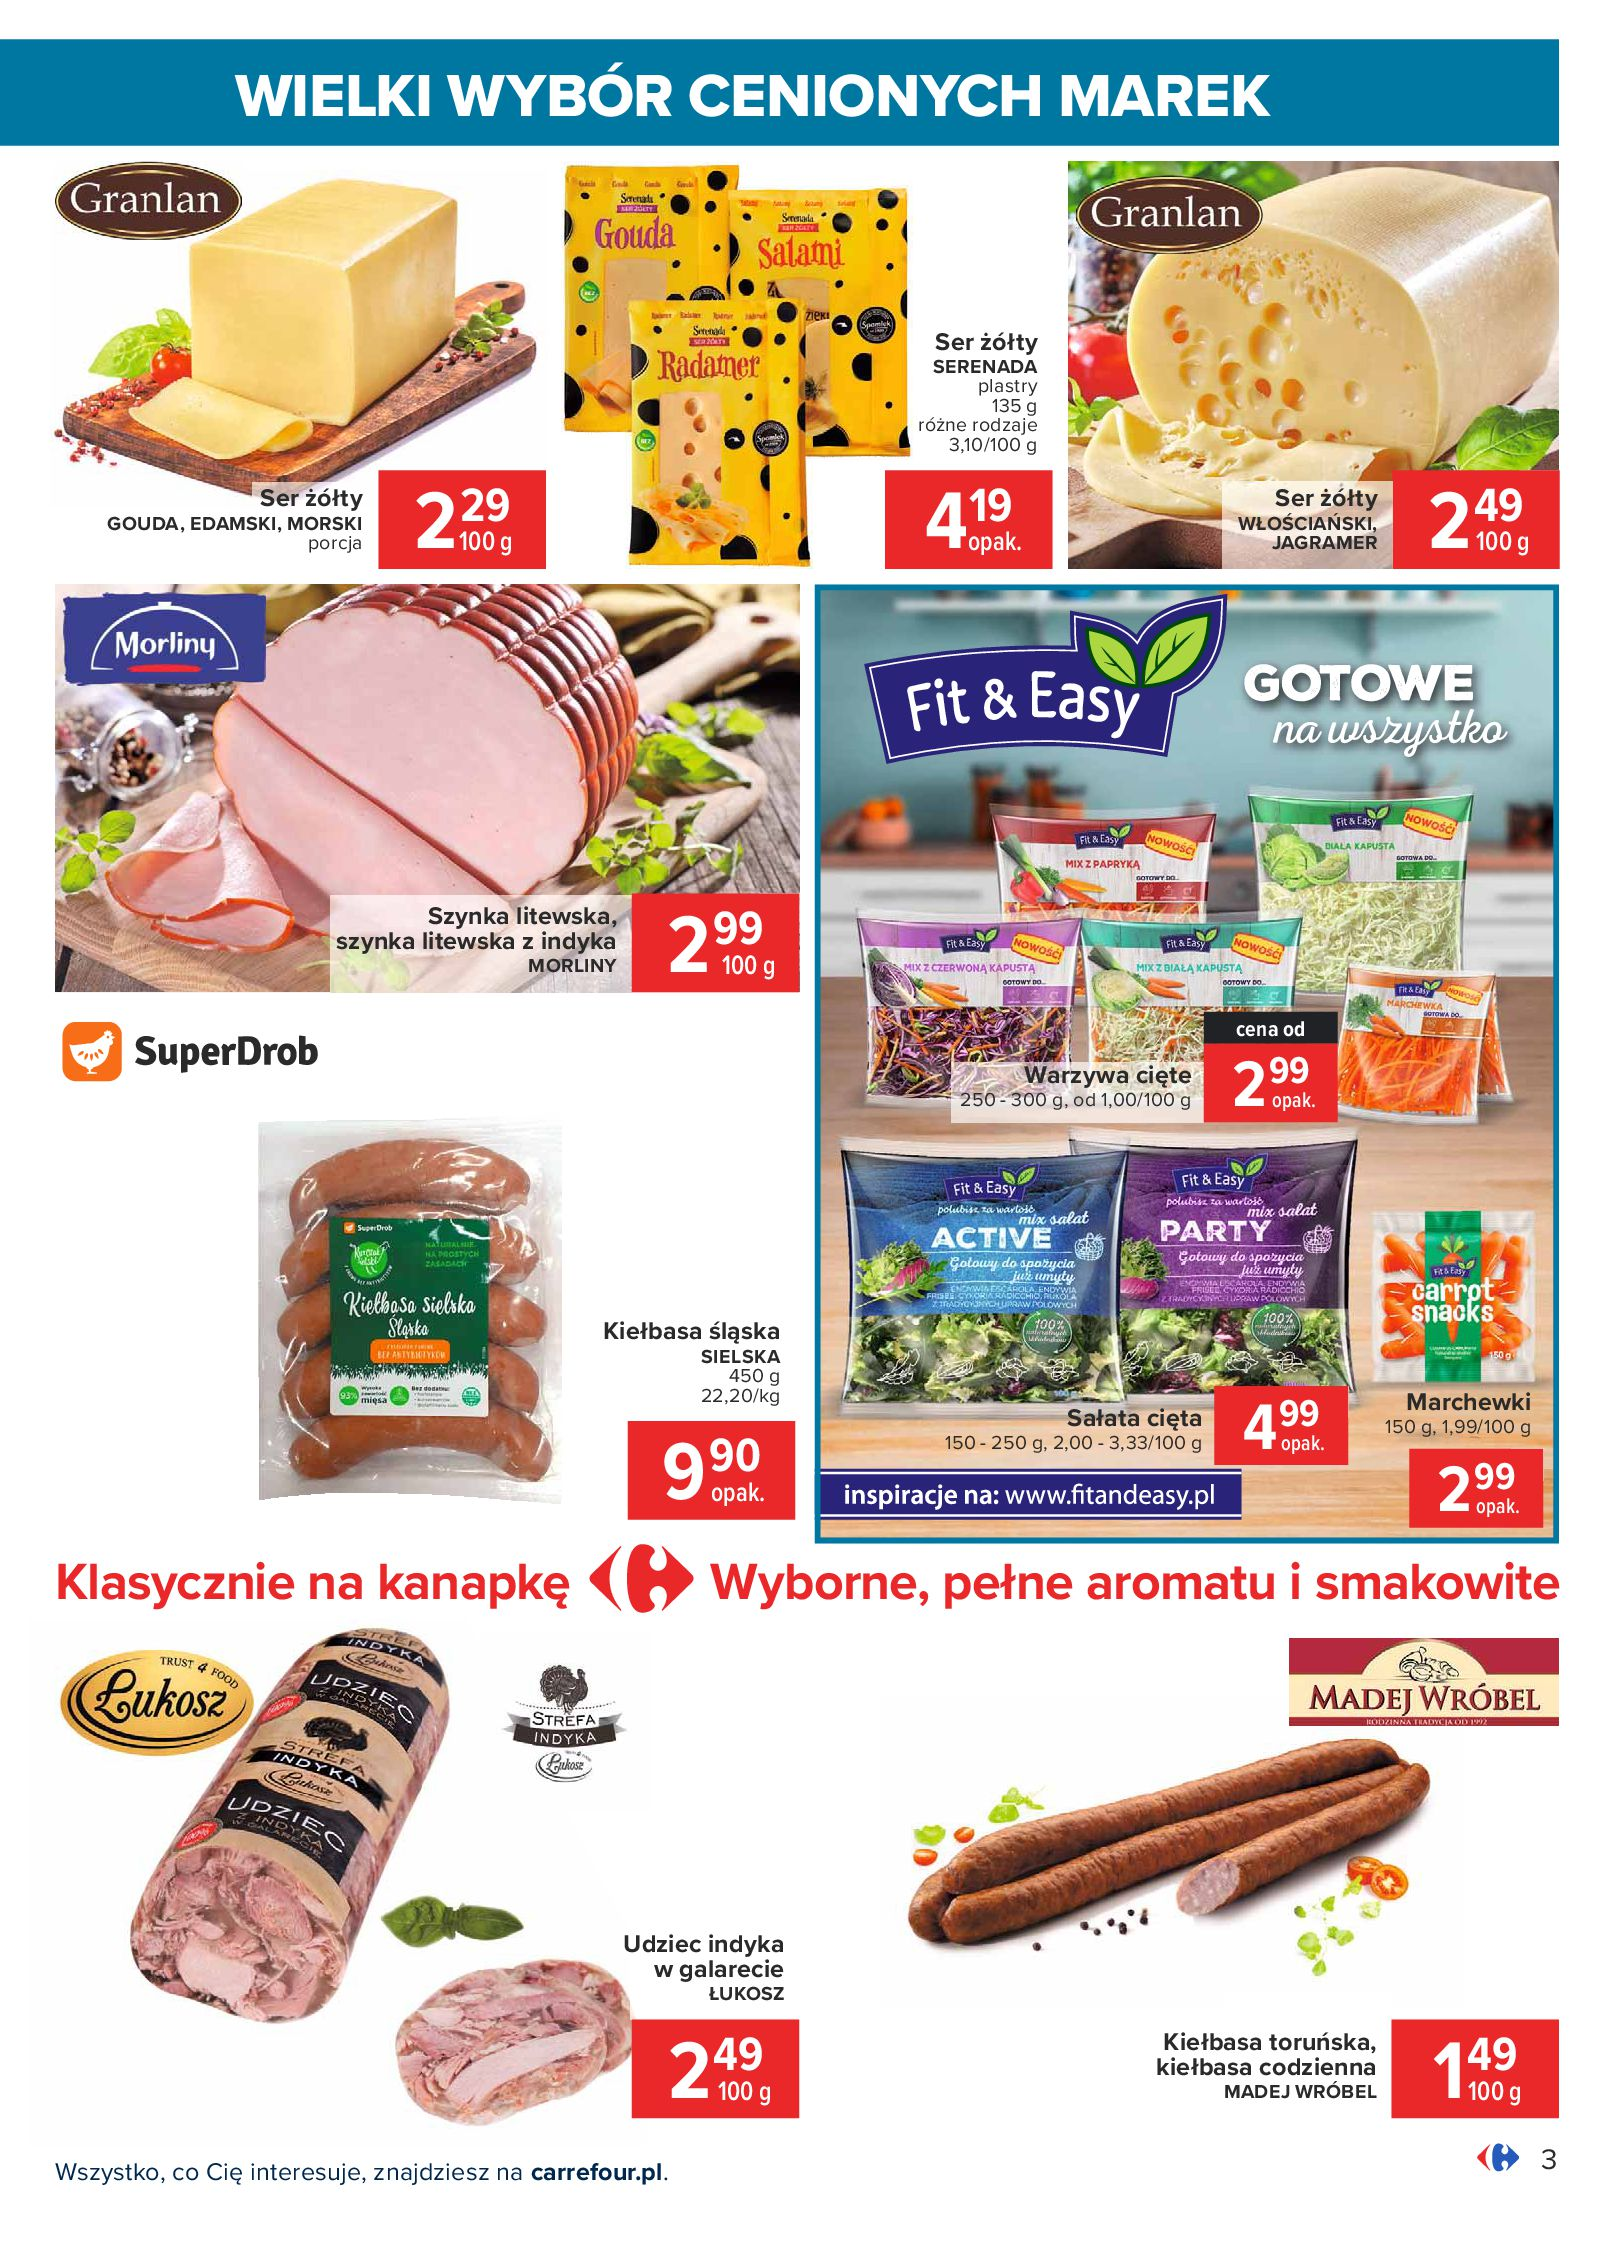 Gazetka Carrefour: Wielki wybór cenionych marek 2021-05-04 page-3